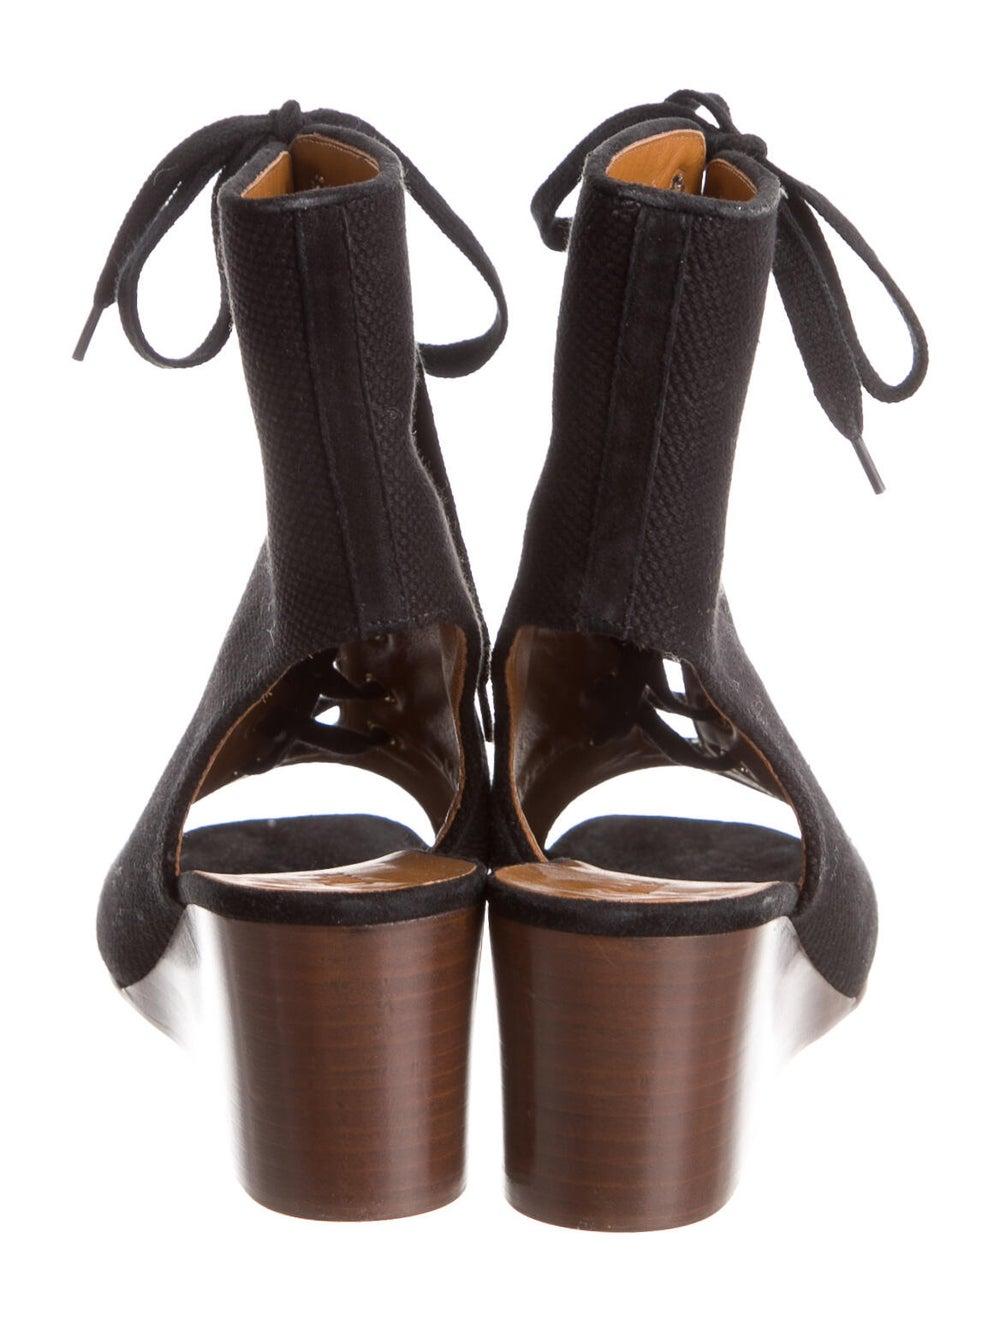 Chloé Sandals Black - image 4